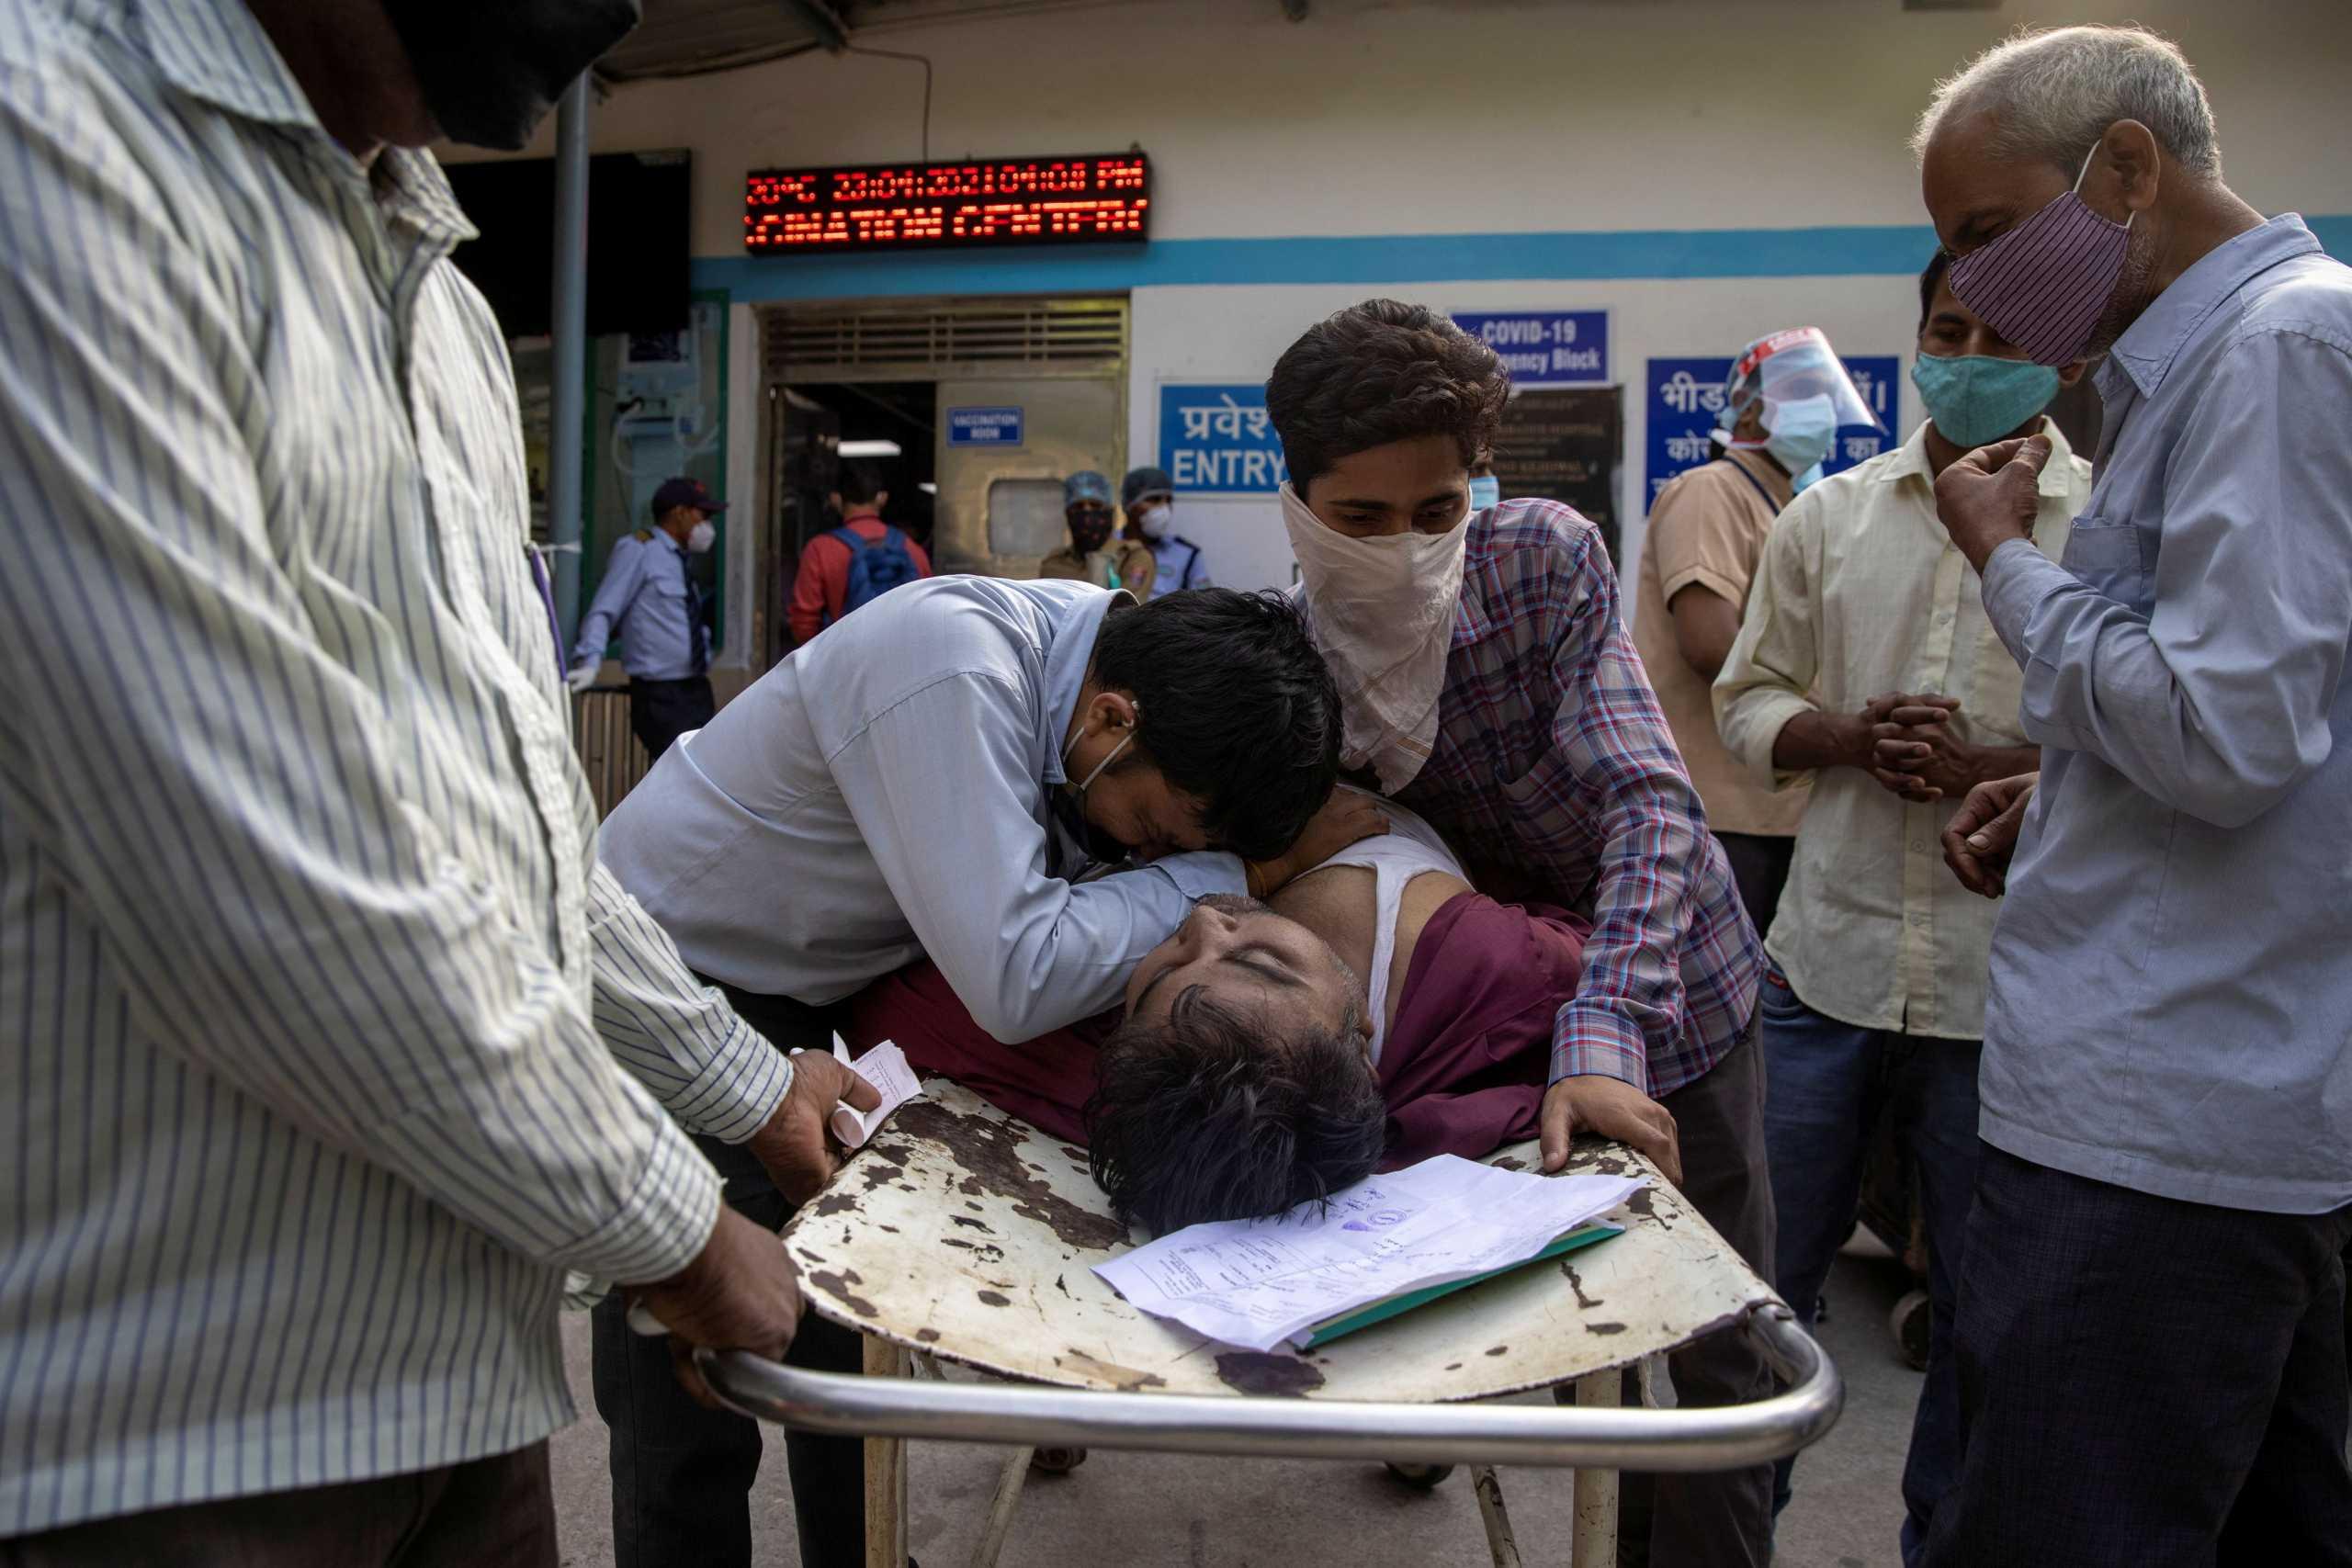 Κορονοϊός: Οι ΗΠΑ στέλνουν «αμέσως» στην Ινδία ιατρικό εξοπλισμό και συστατικά εμβολίων